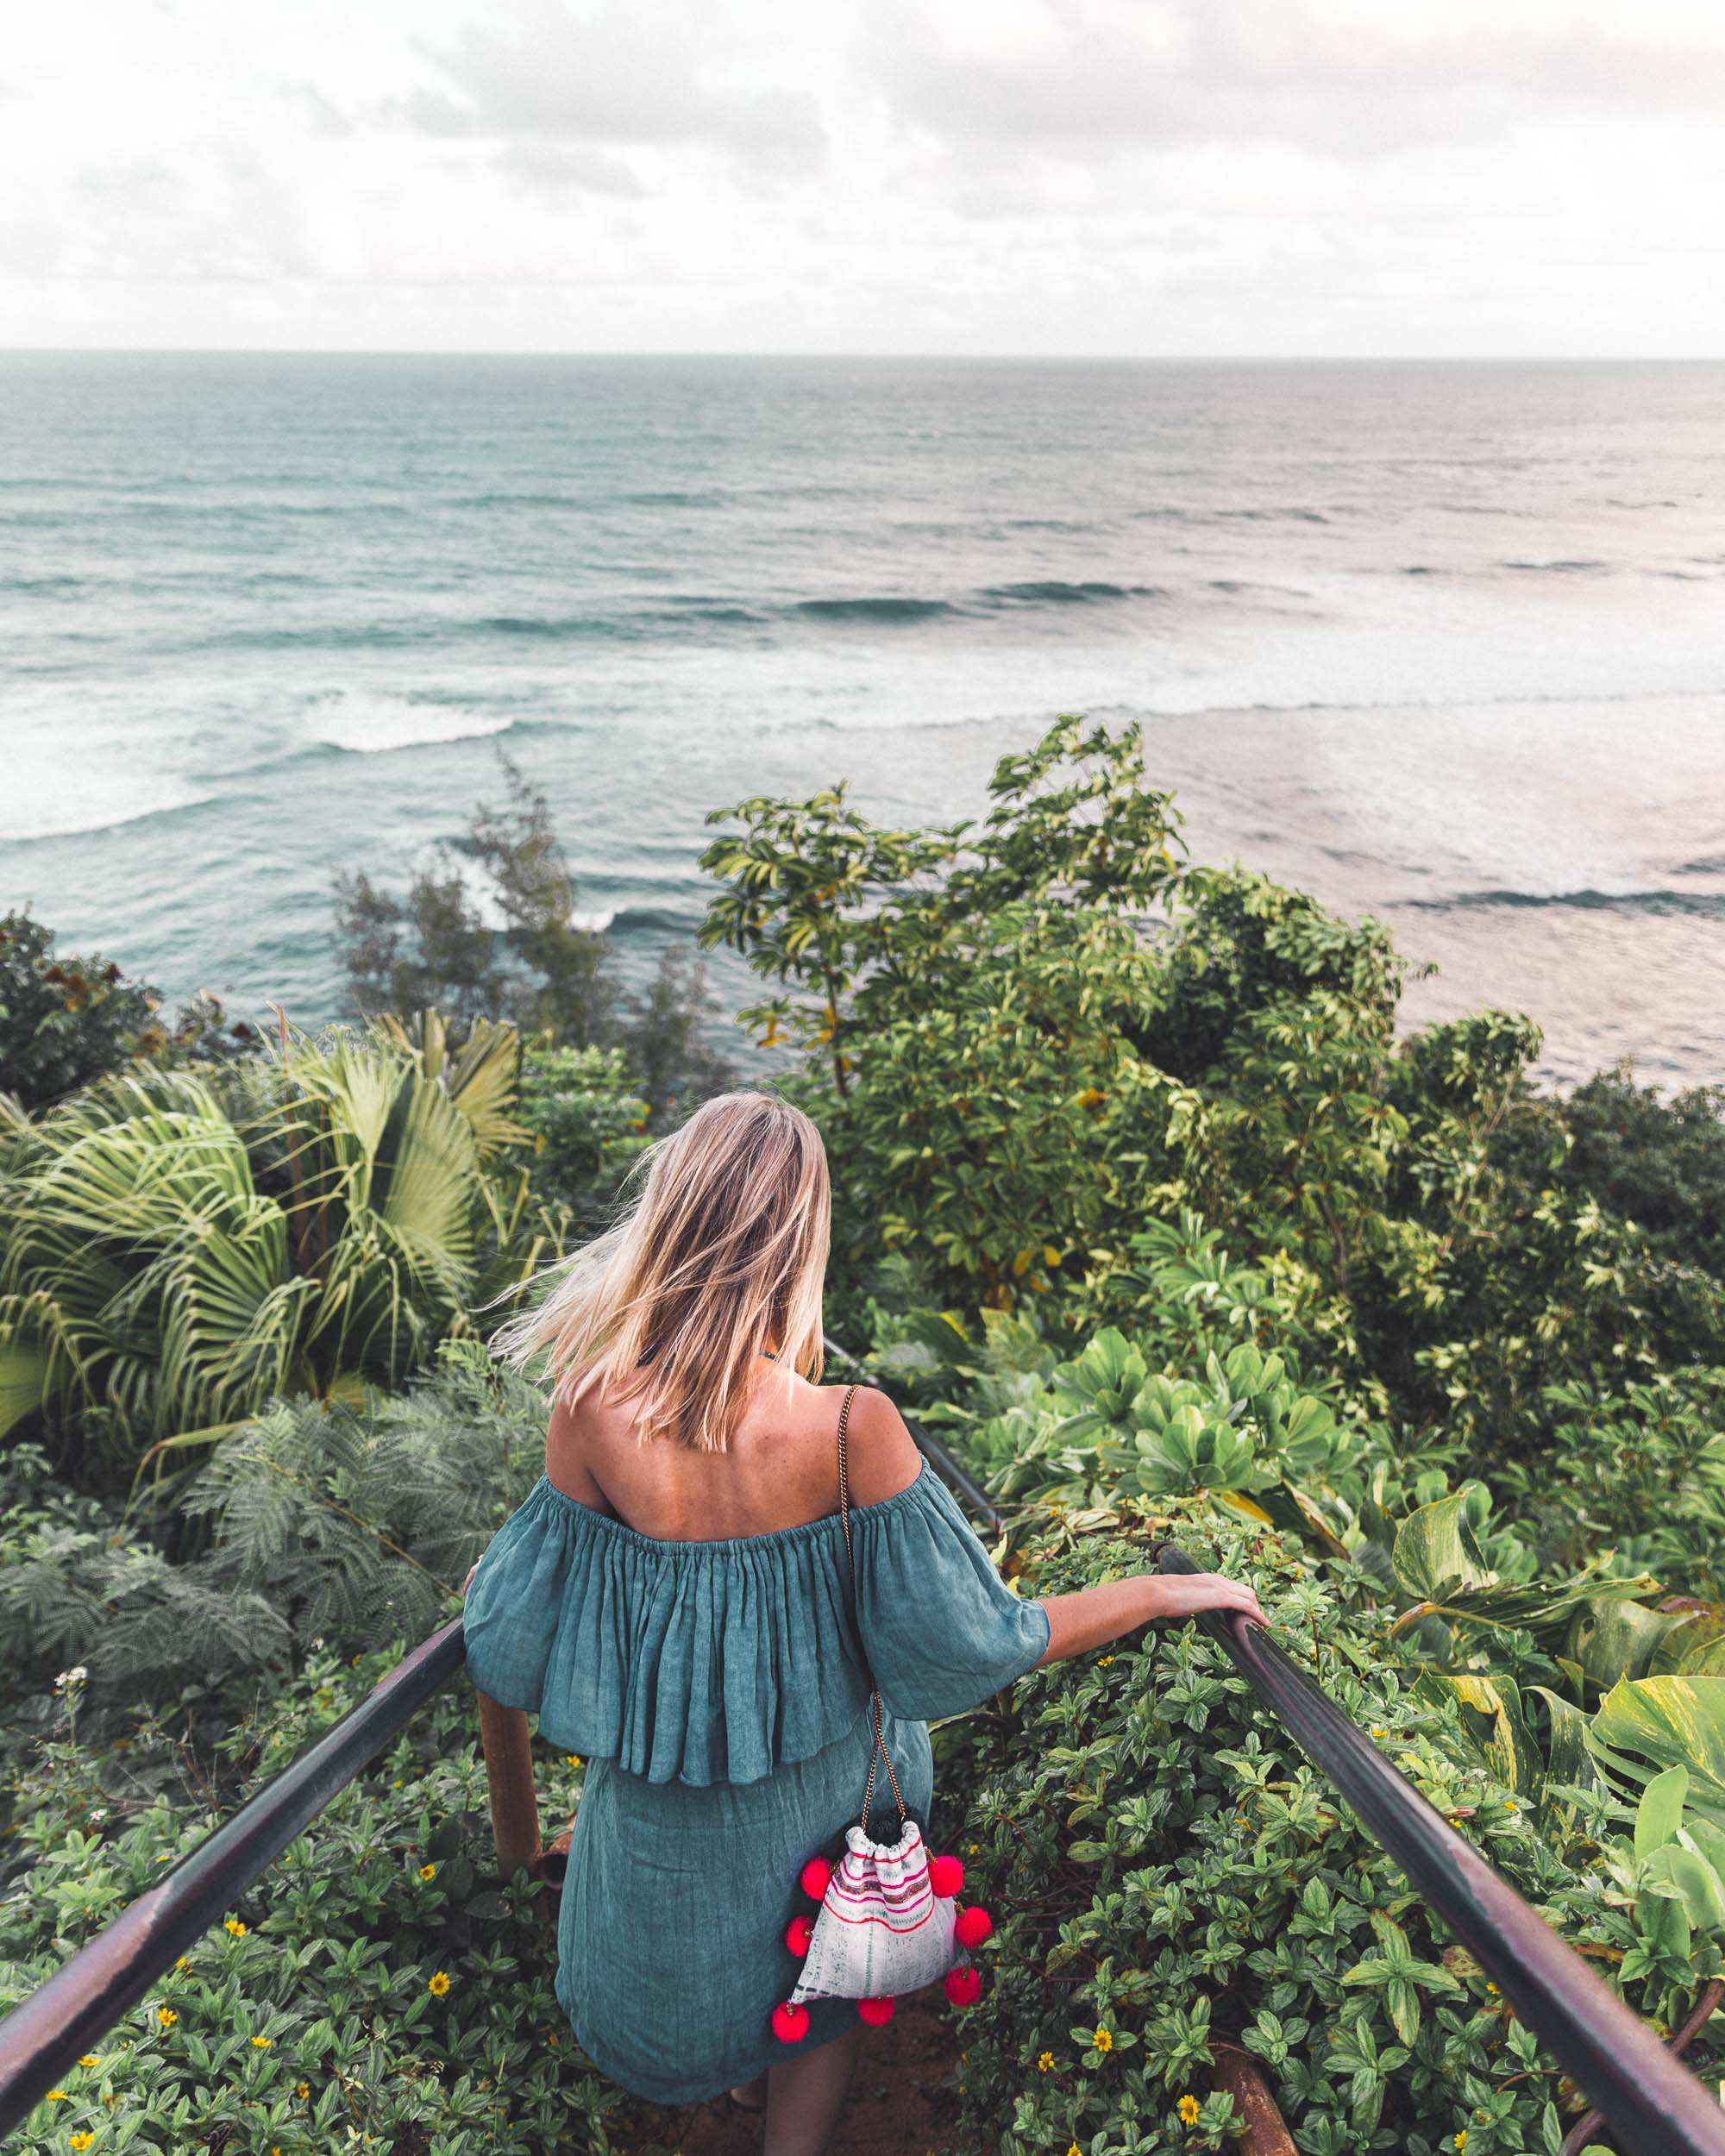 Hideaways Beach Path in Hanalei Hawaii Kauai Travel Guide via Find Us Lost